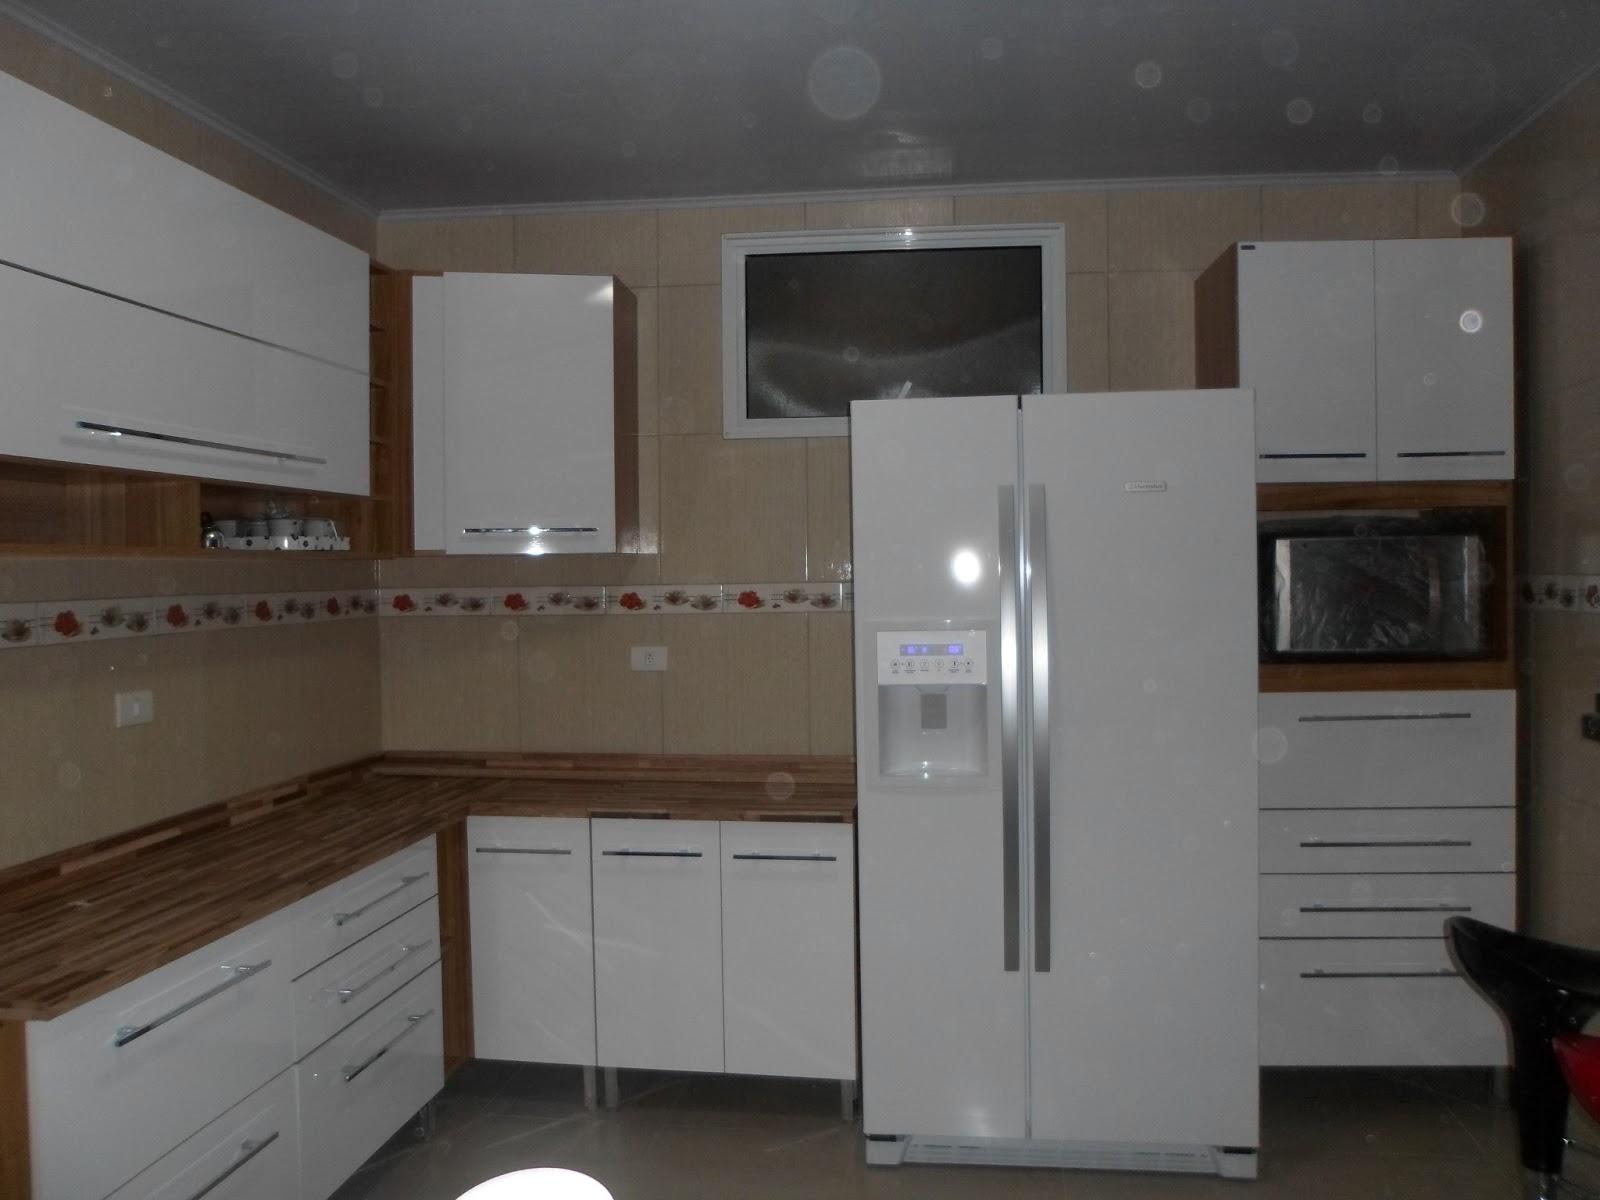 Cozinha Bartira Juliana: Conheça os Modelos e Bons Preços #594F44 1600 1200